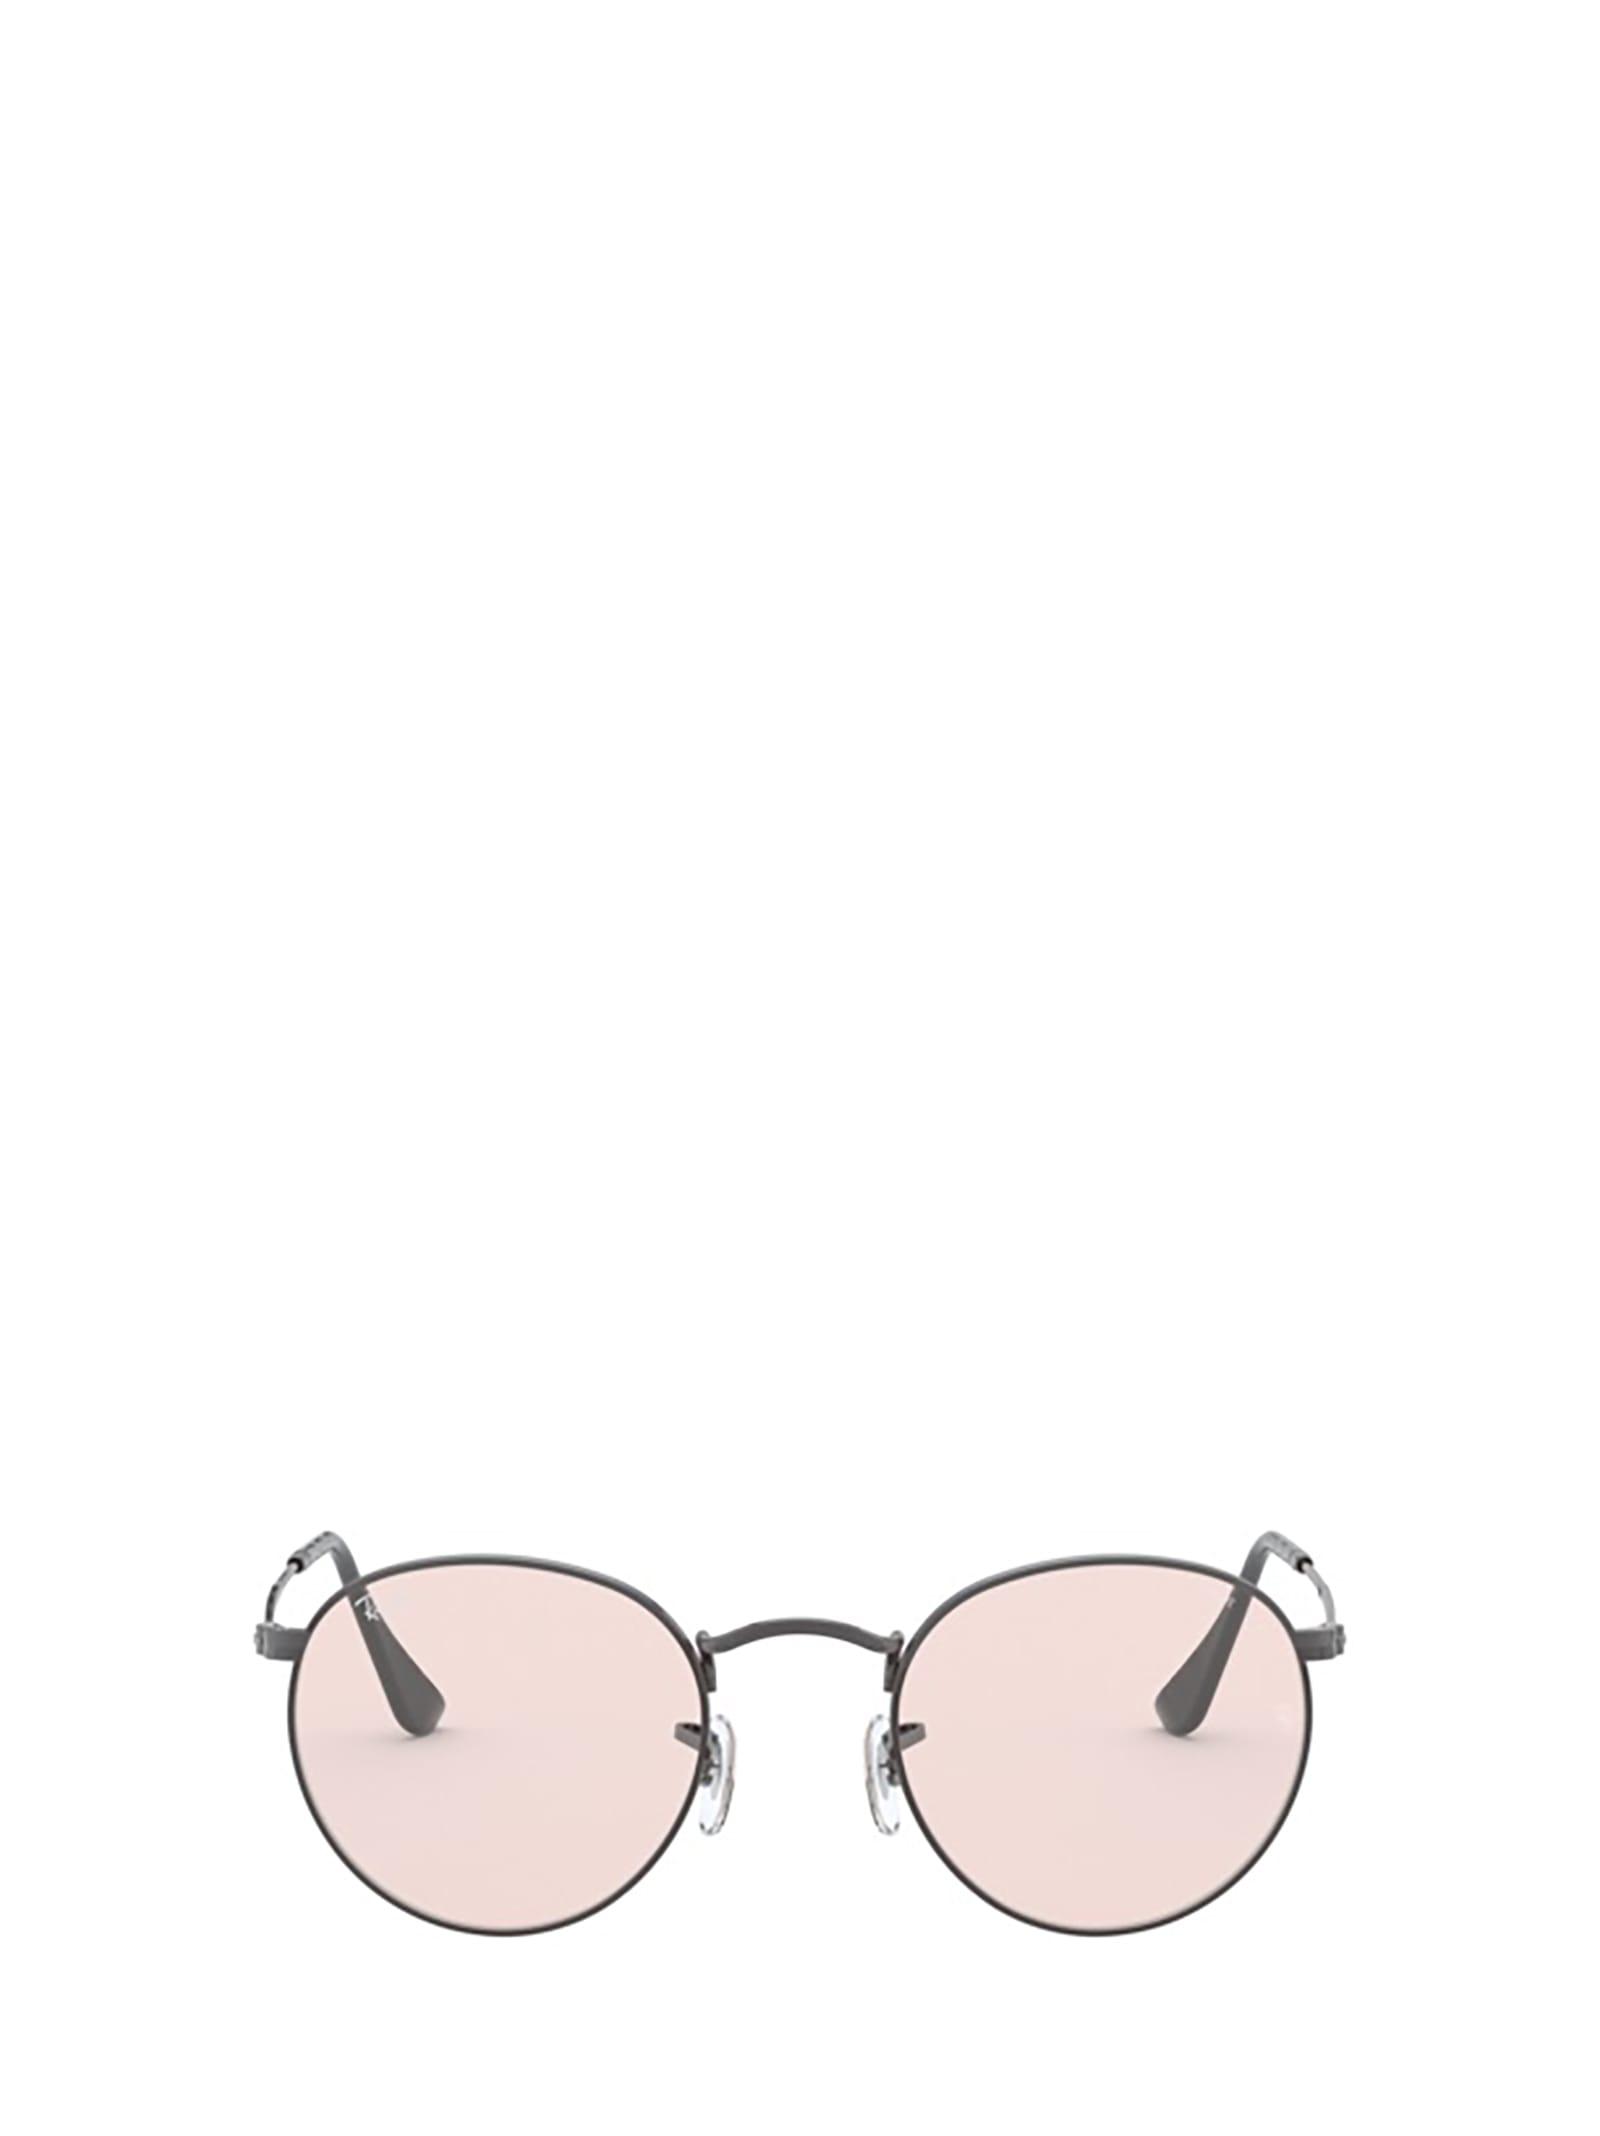 Ray-Ban Ray-ban Rb3447 Gunmetal Sunglasses